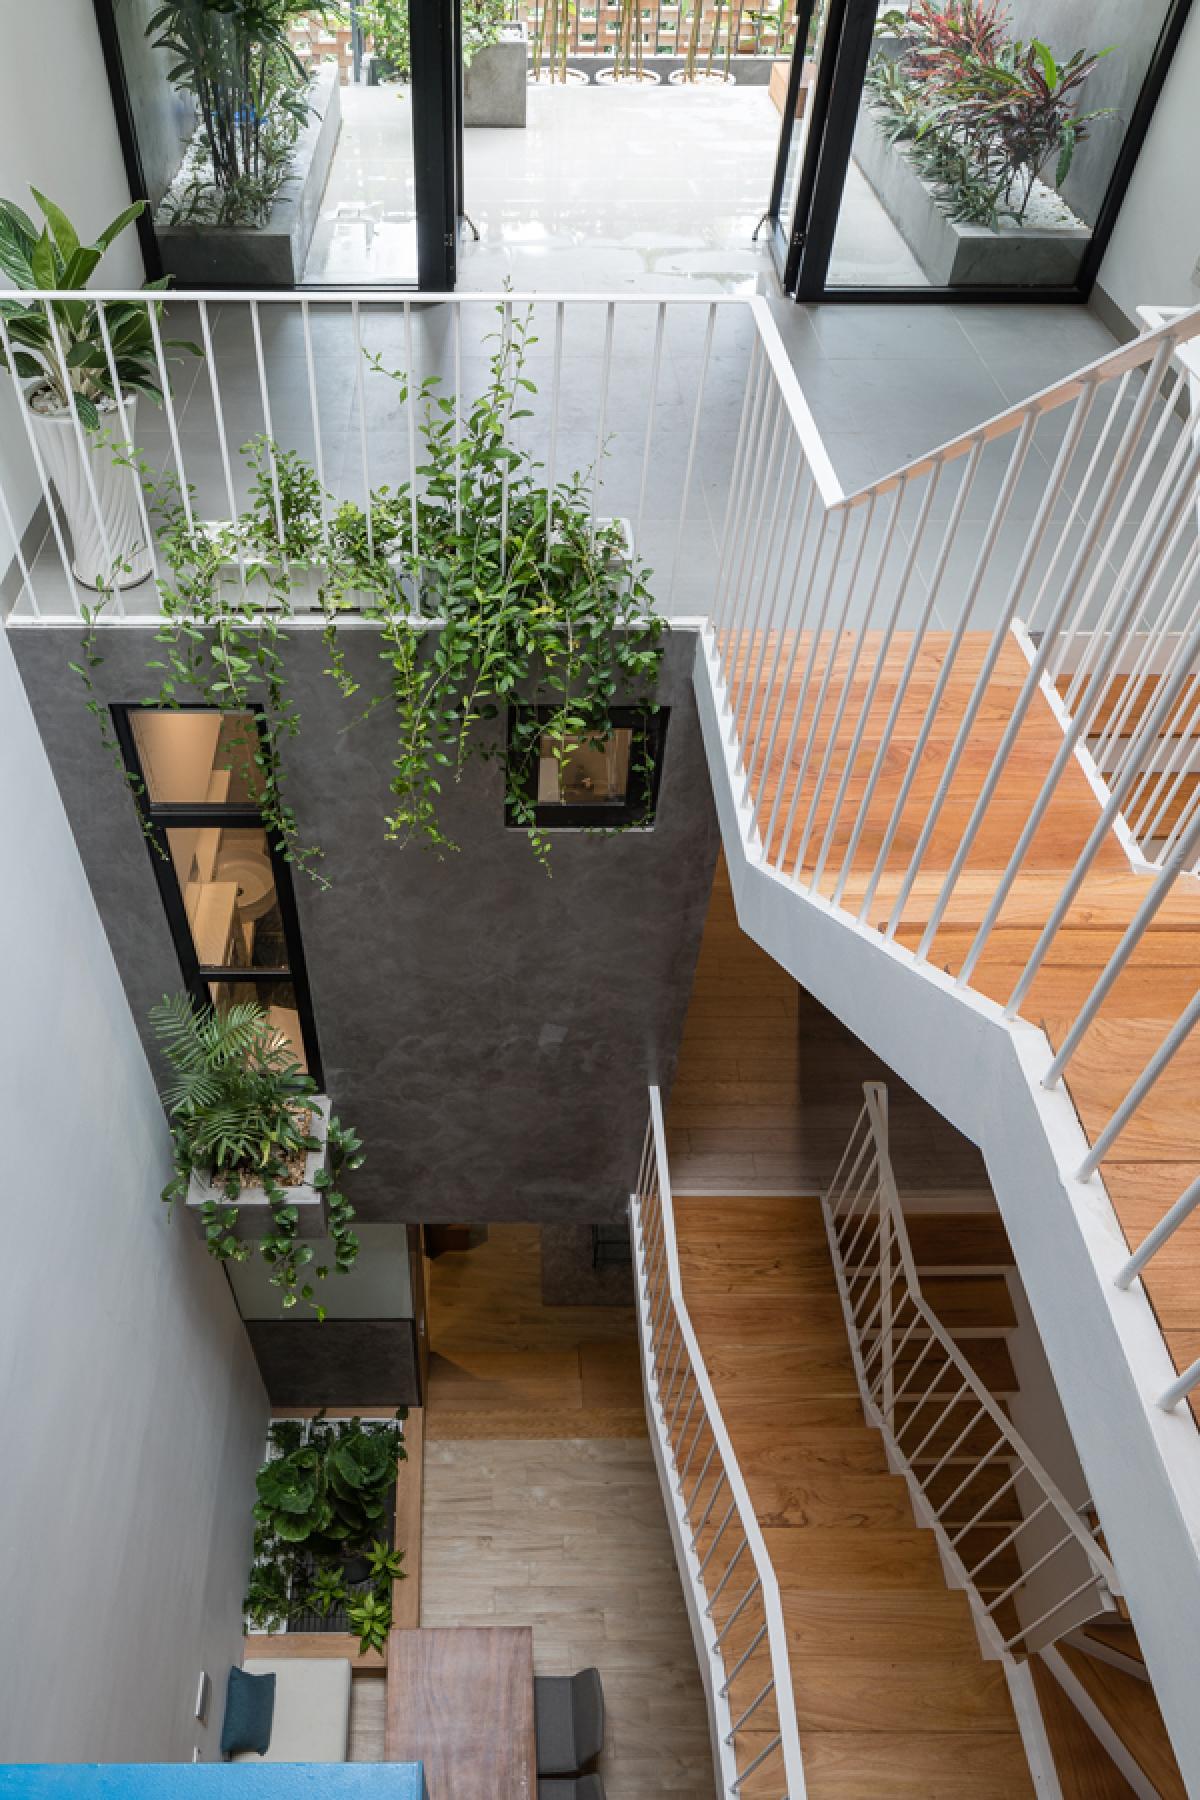 Giếng trời nằm giữa nhà bên cạnh cầu thang là một điểm nhấn của không gian và cũng là một giải pháp thông gió, lấy sáng hữu hiệu. Cây xanh hiện diện nhiều nơi ở nơi này tạo sự xanh mát trong nội thất.